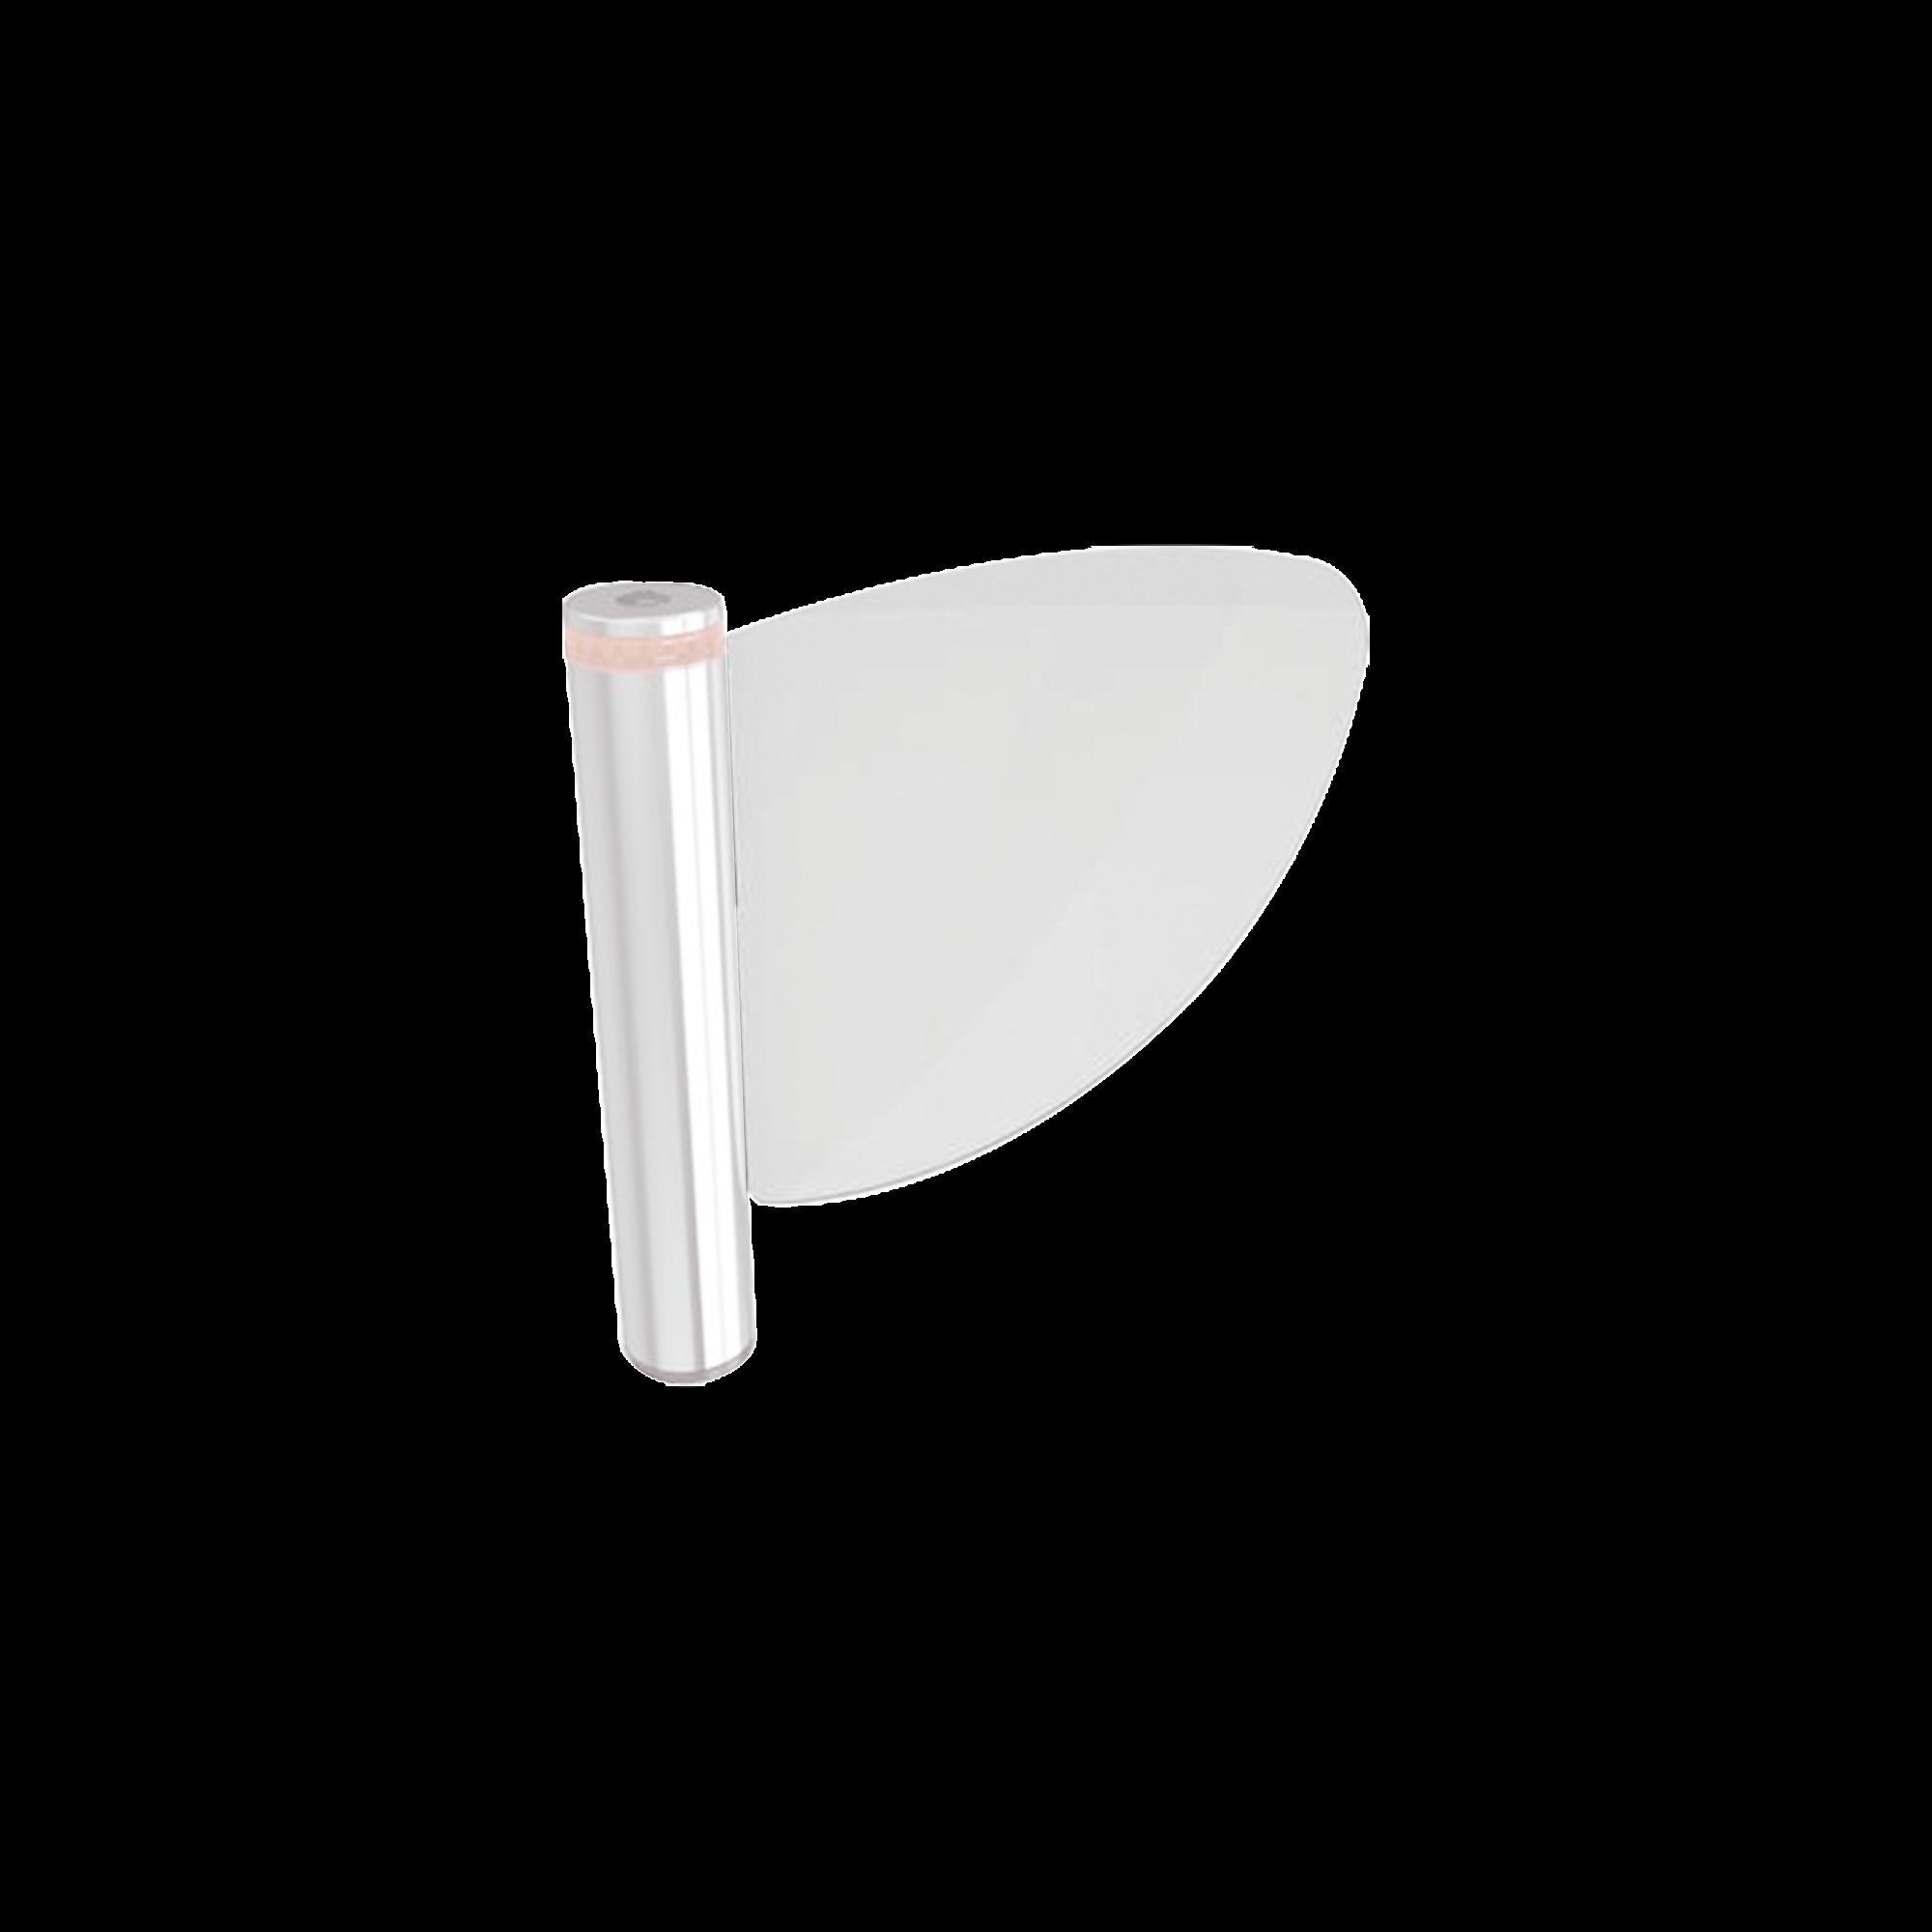 Hoja de plexiglas para puerta de cortesia WING 40 CAME / Largo 60 cm / Grosor 10 mm / Producto bajo pedido